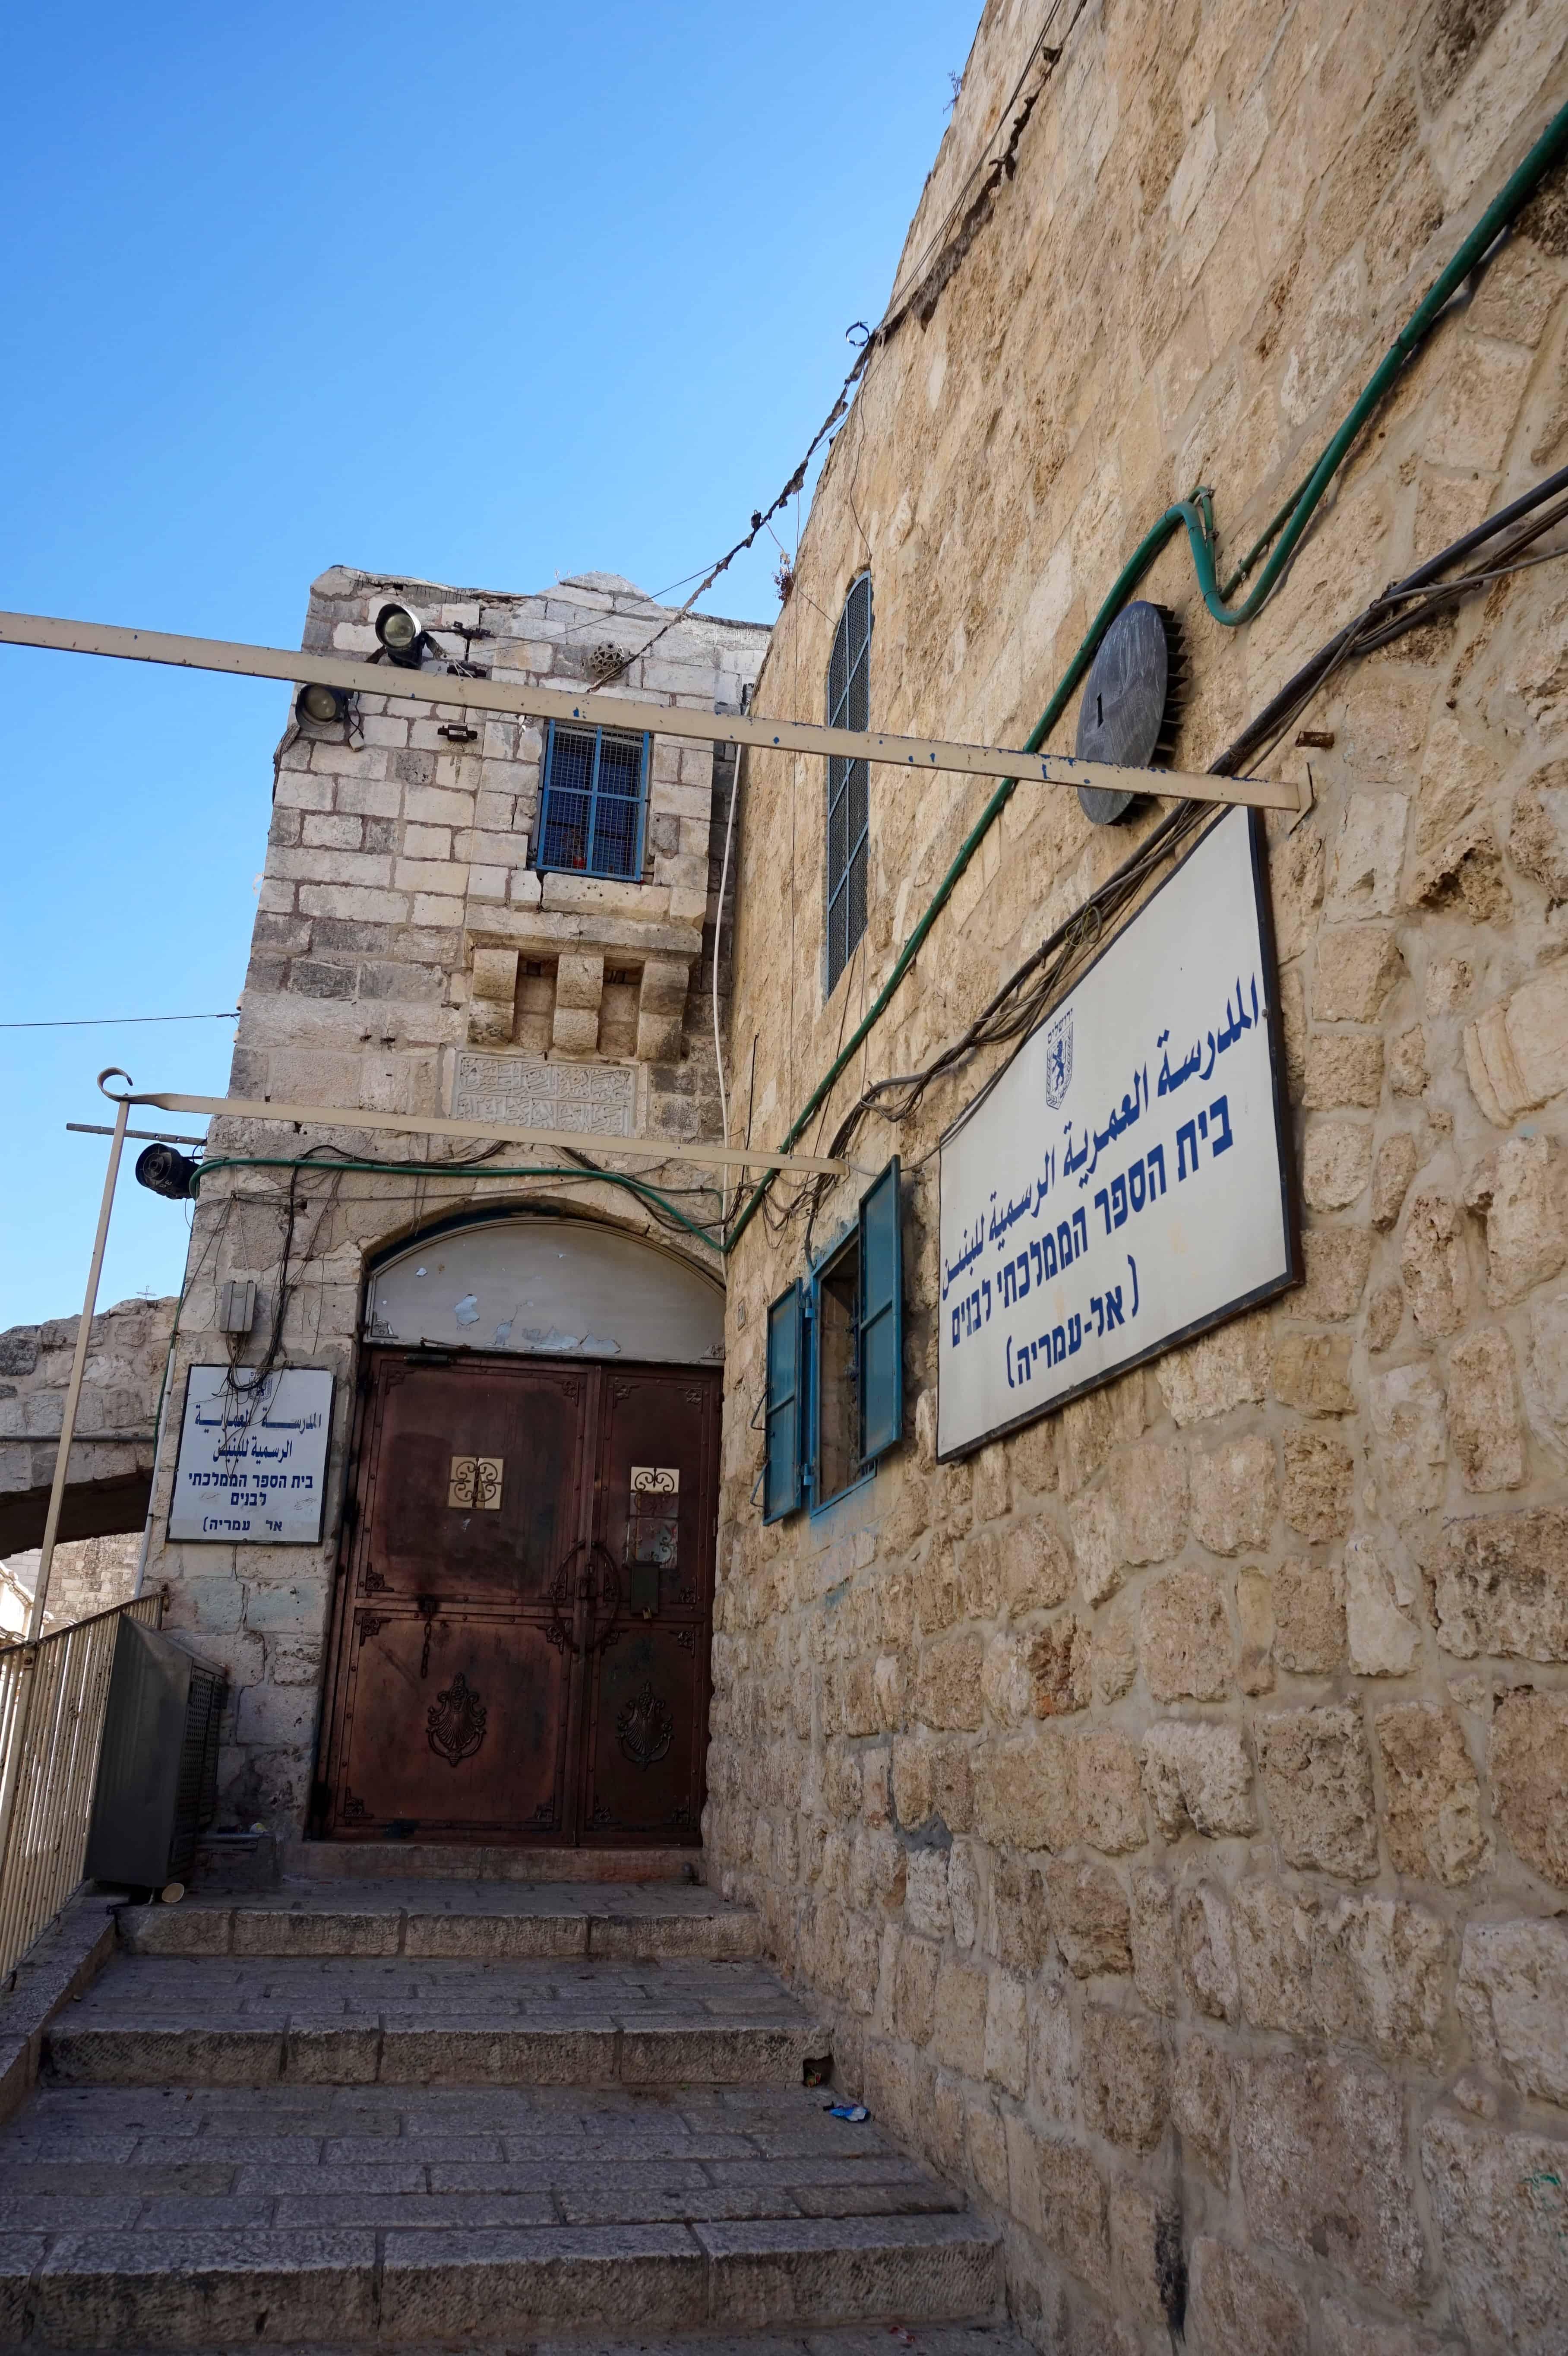 Jesus Karte Ziehen.Jerusalem Die 14 Kreuzwegstationen Auf Der Via Dolorosa Misses